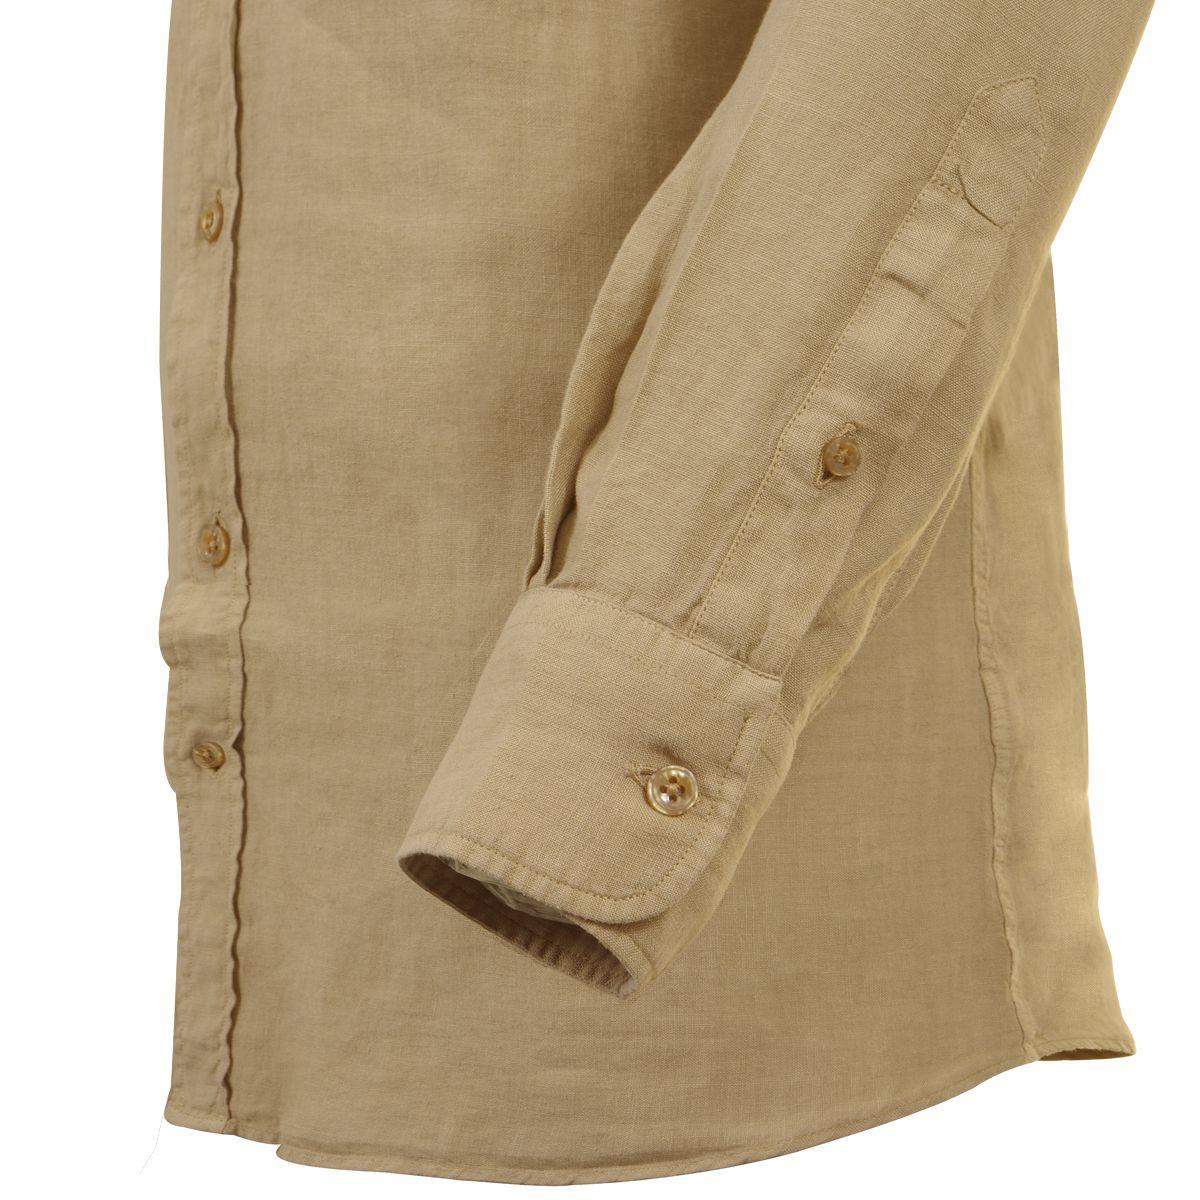 chemise en lin marron grande taille du 44 xl au 54 6xl size factory maneven. Black Bedroom Furniture Sets. Home Design Ideas